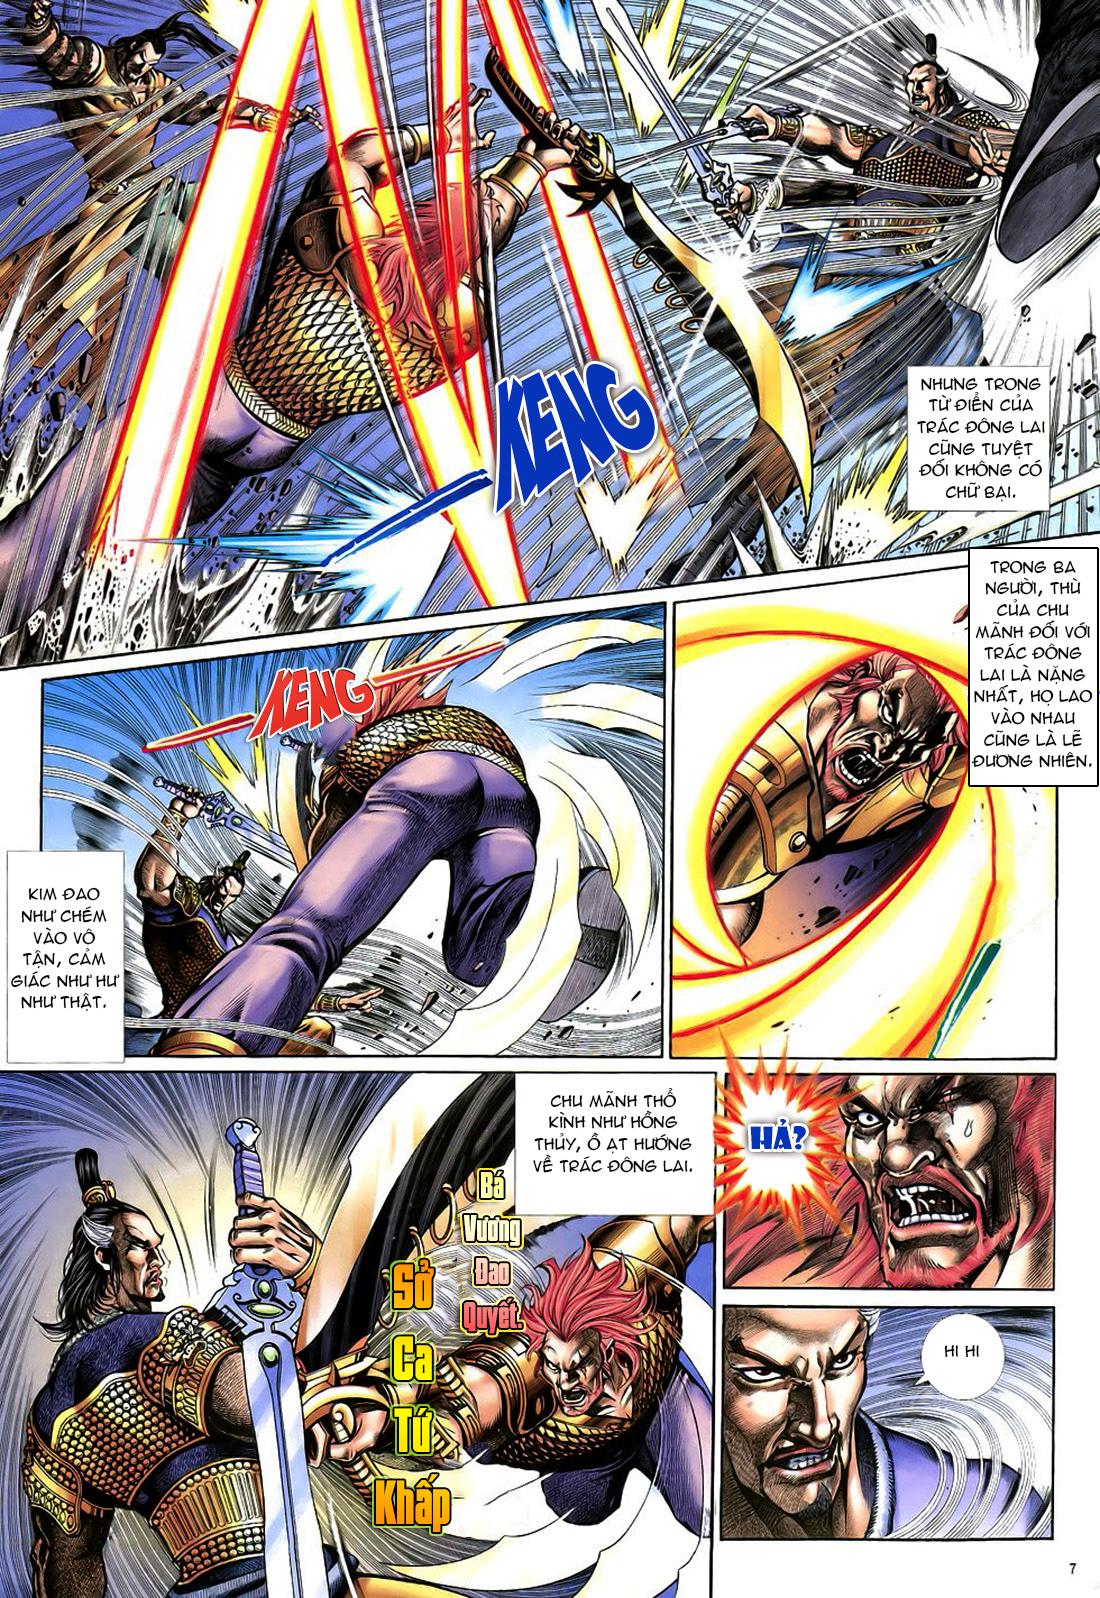 Anh hùng vô lệ Chap 22 trang 8